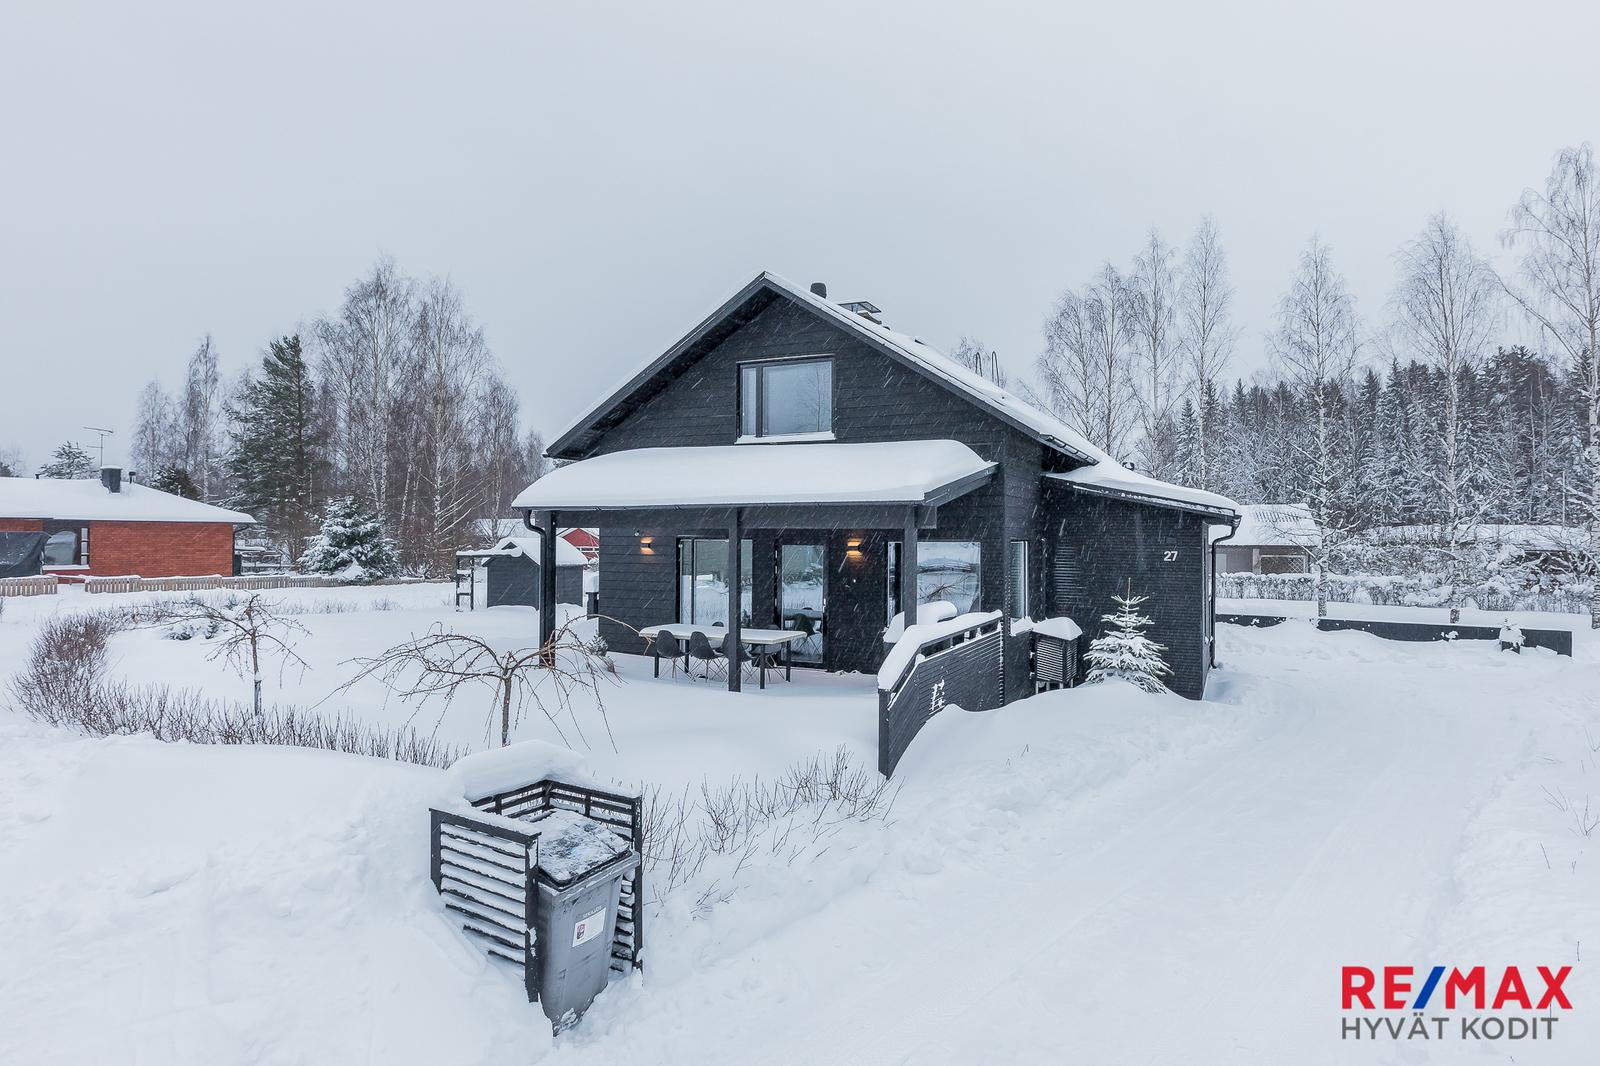 Kaakkola, Järvenpää